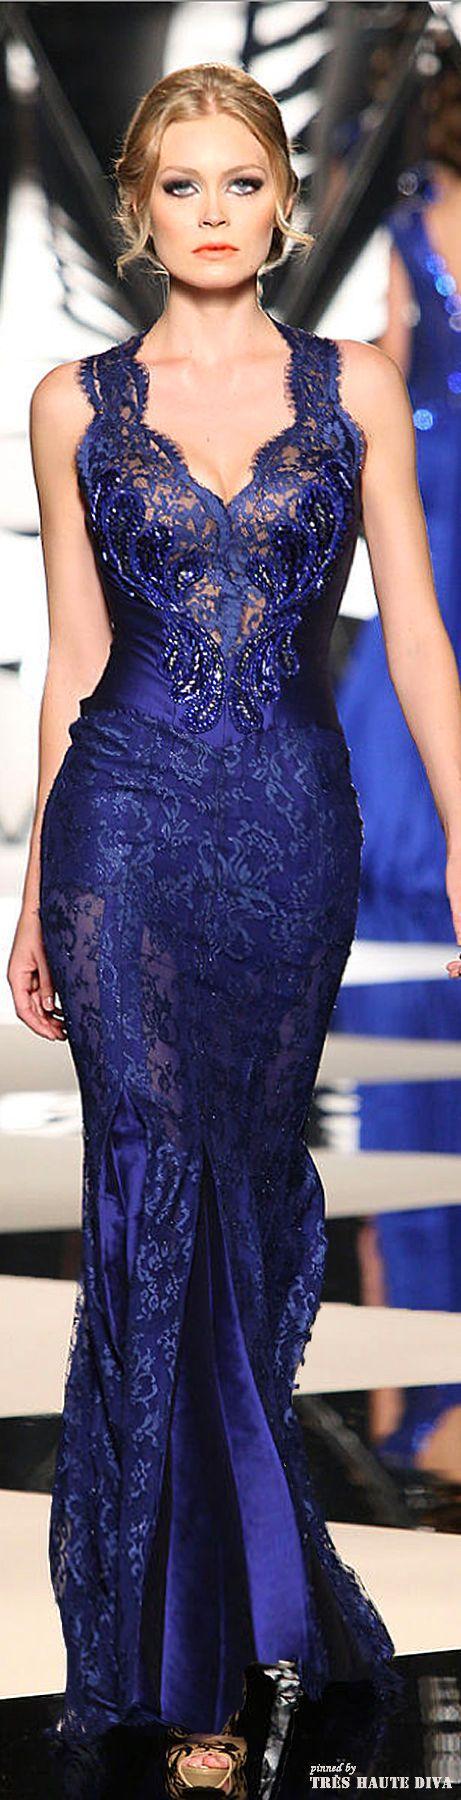 زفاف - Gowns......Beautiful Blues